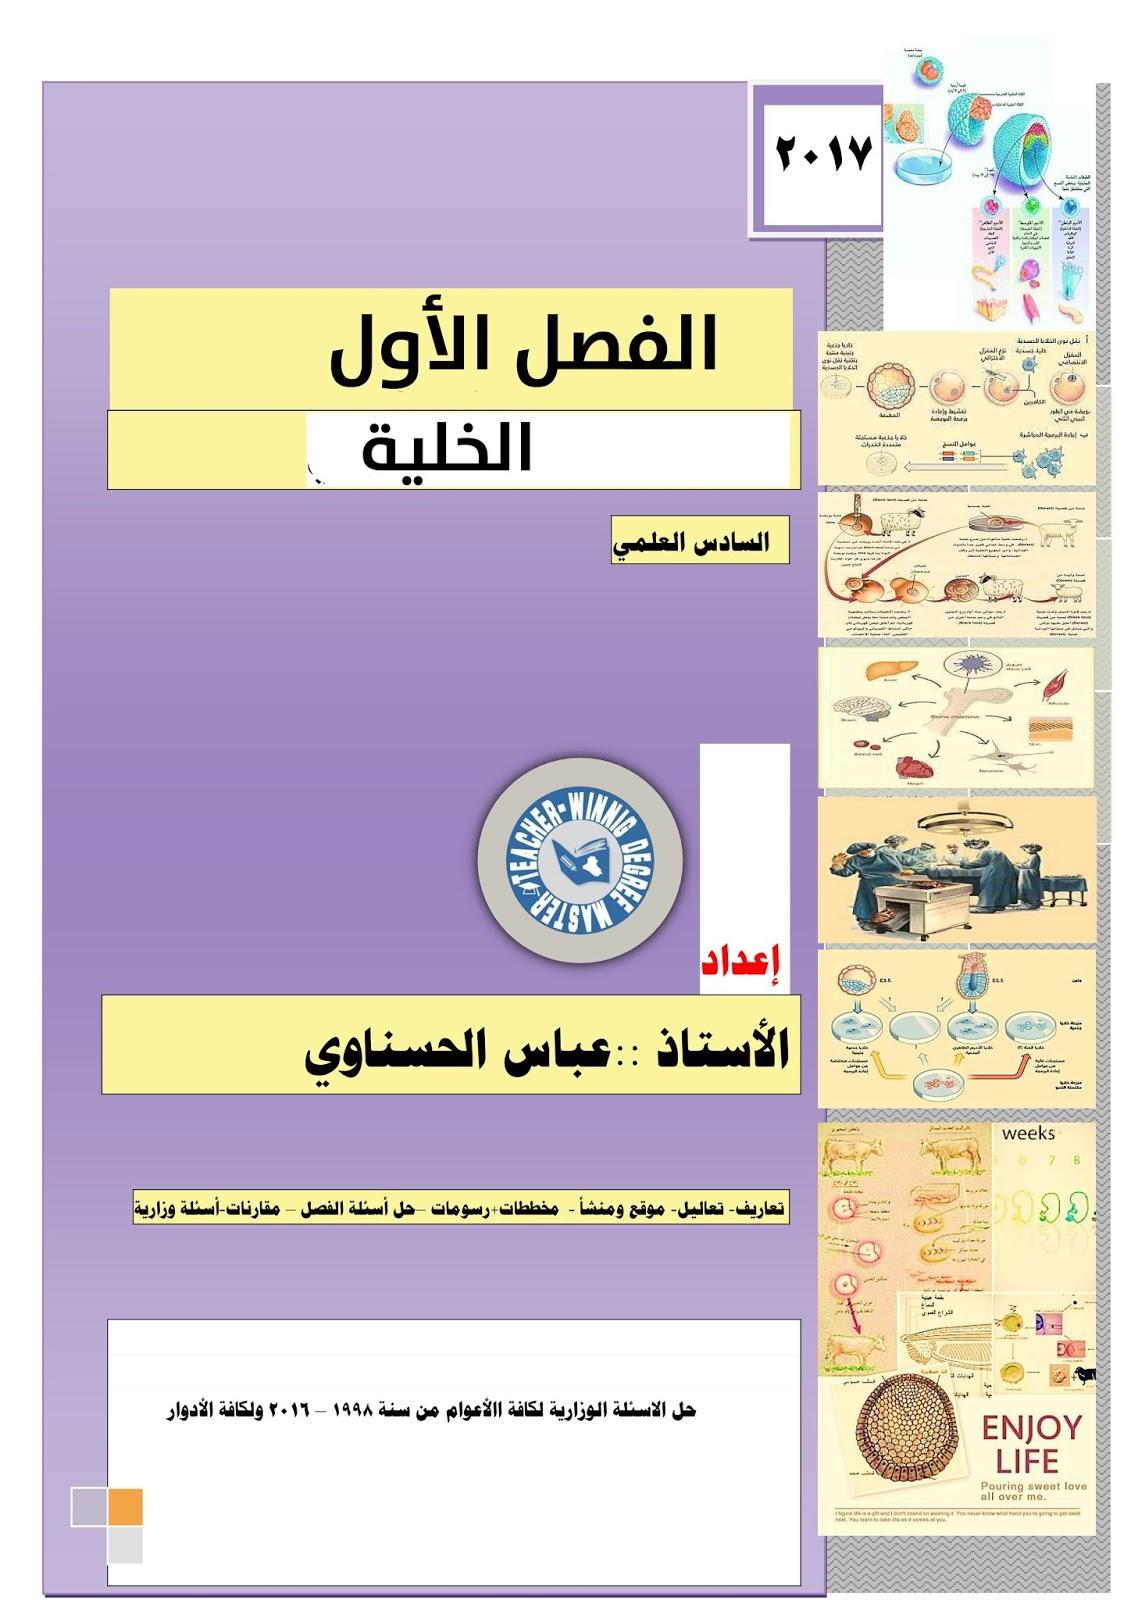 أفضل الملازم لمادة الأحياء للأستاذ عباس الحسناوي للصف السادس العلمي (ننصح بها) 2018